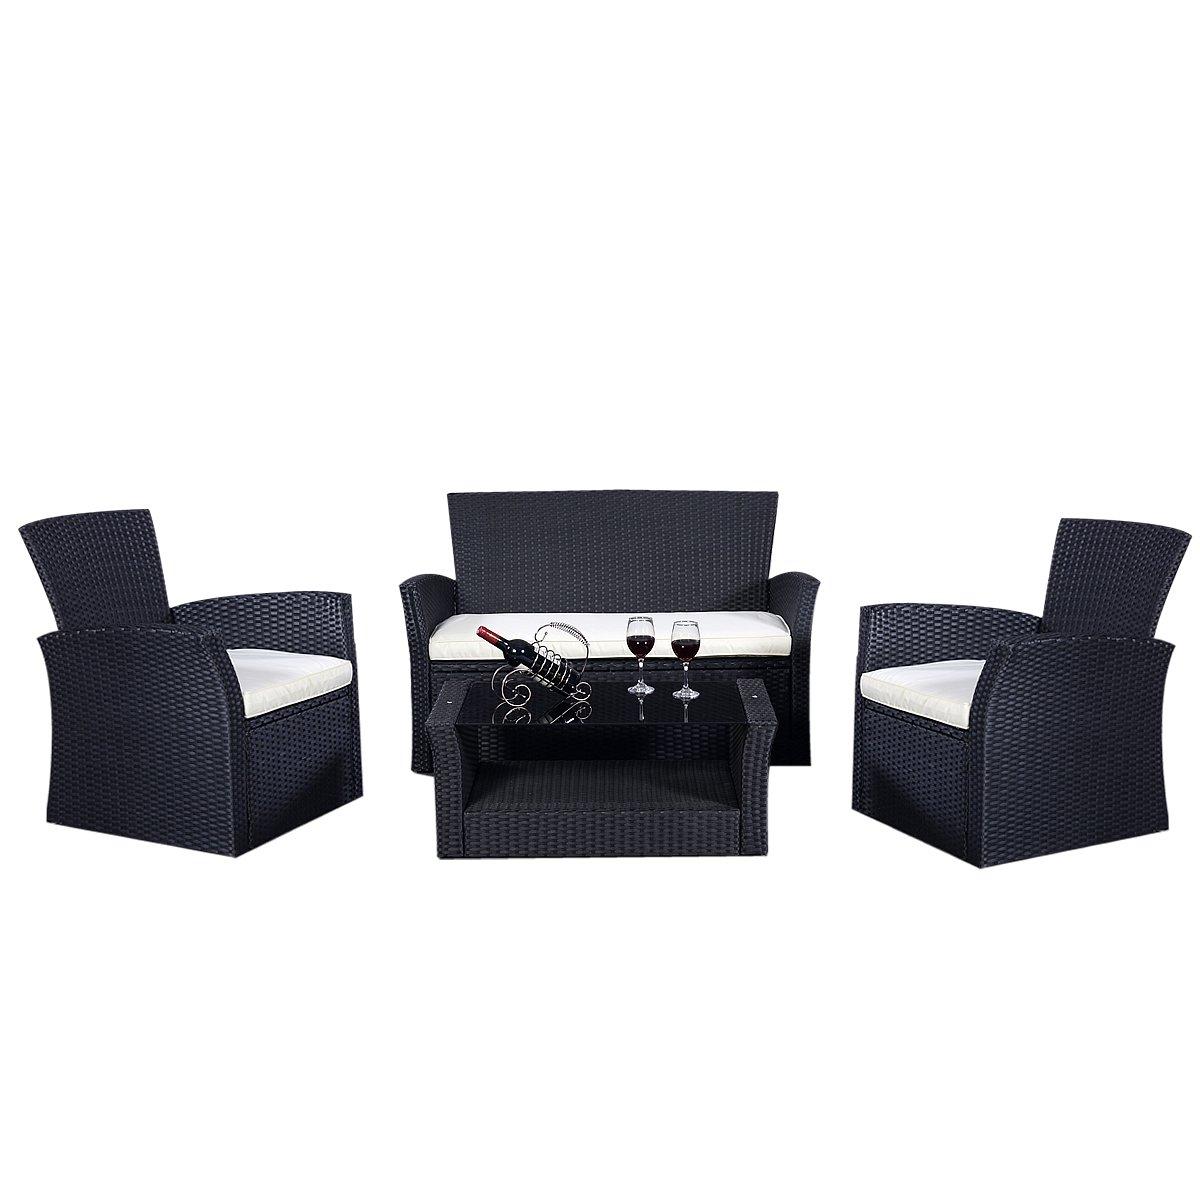 Gartenmöbel Rattan Lounge Set Polyrattan Sitzgruppe Rattanmöbel Garnitur Garten günstig bestellen